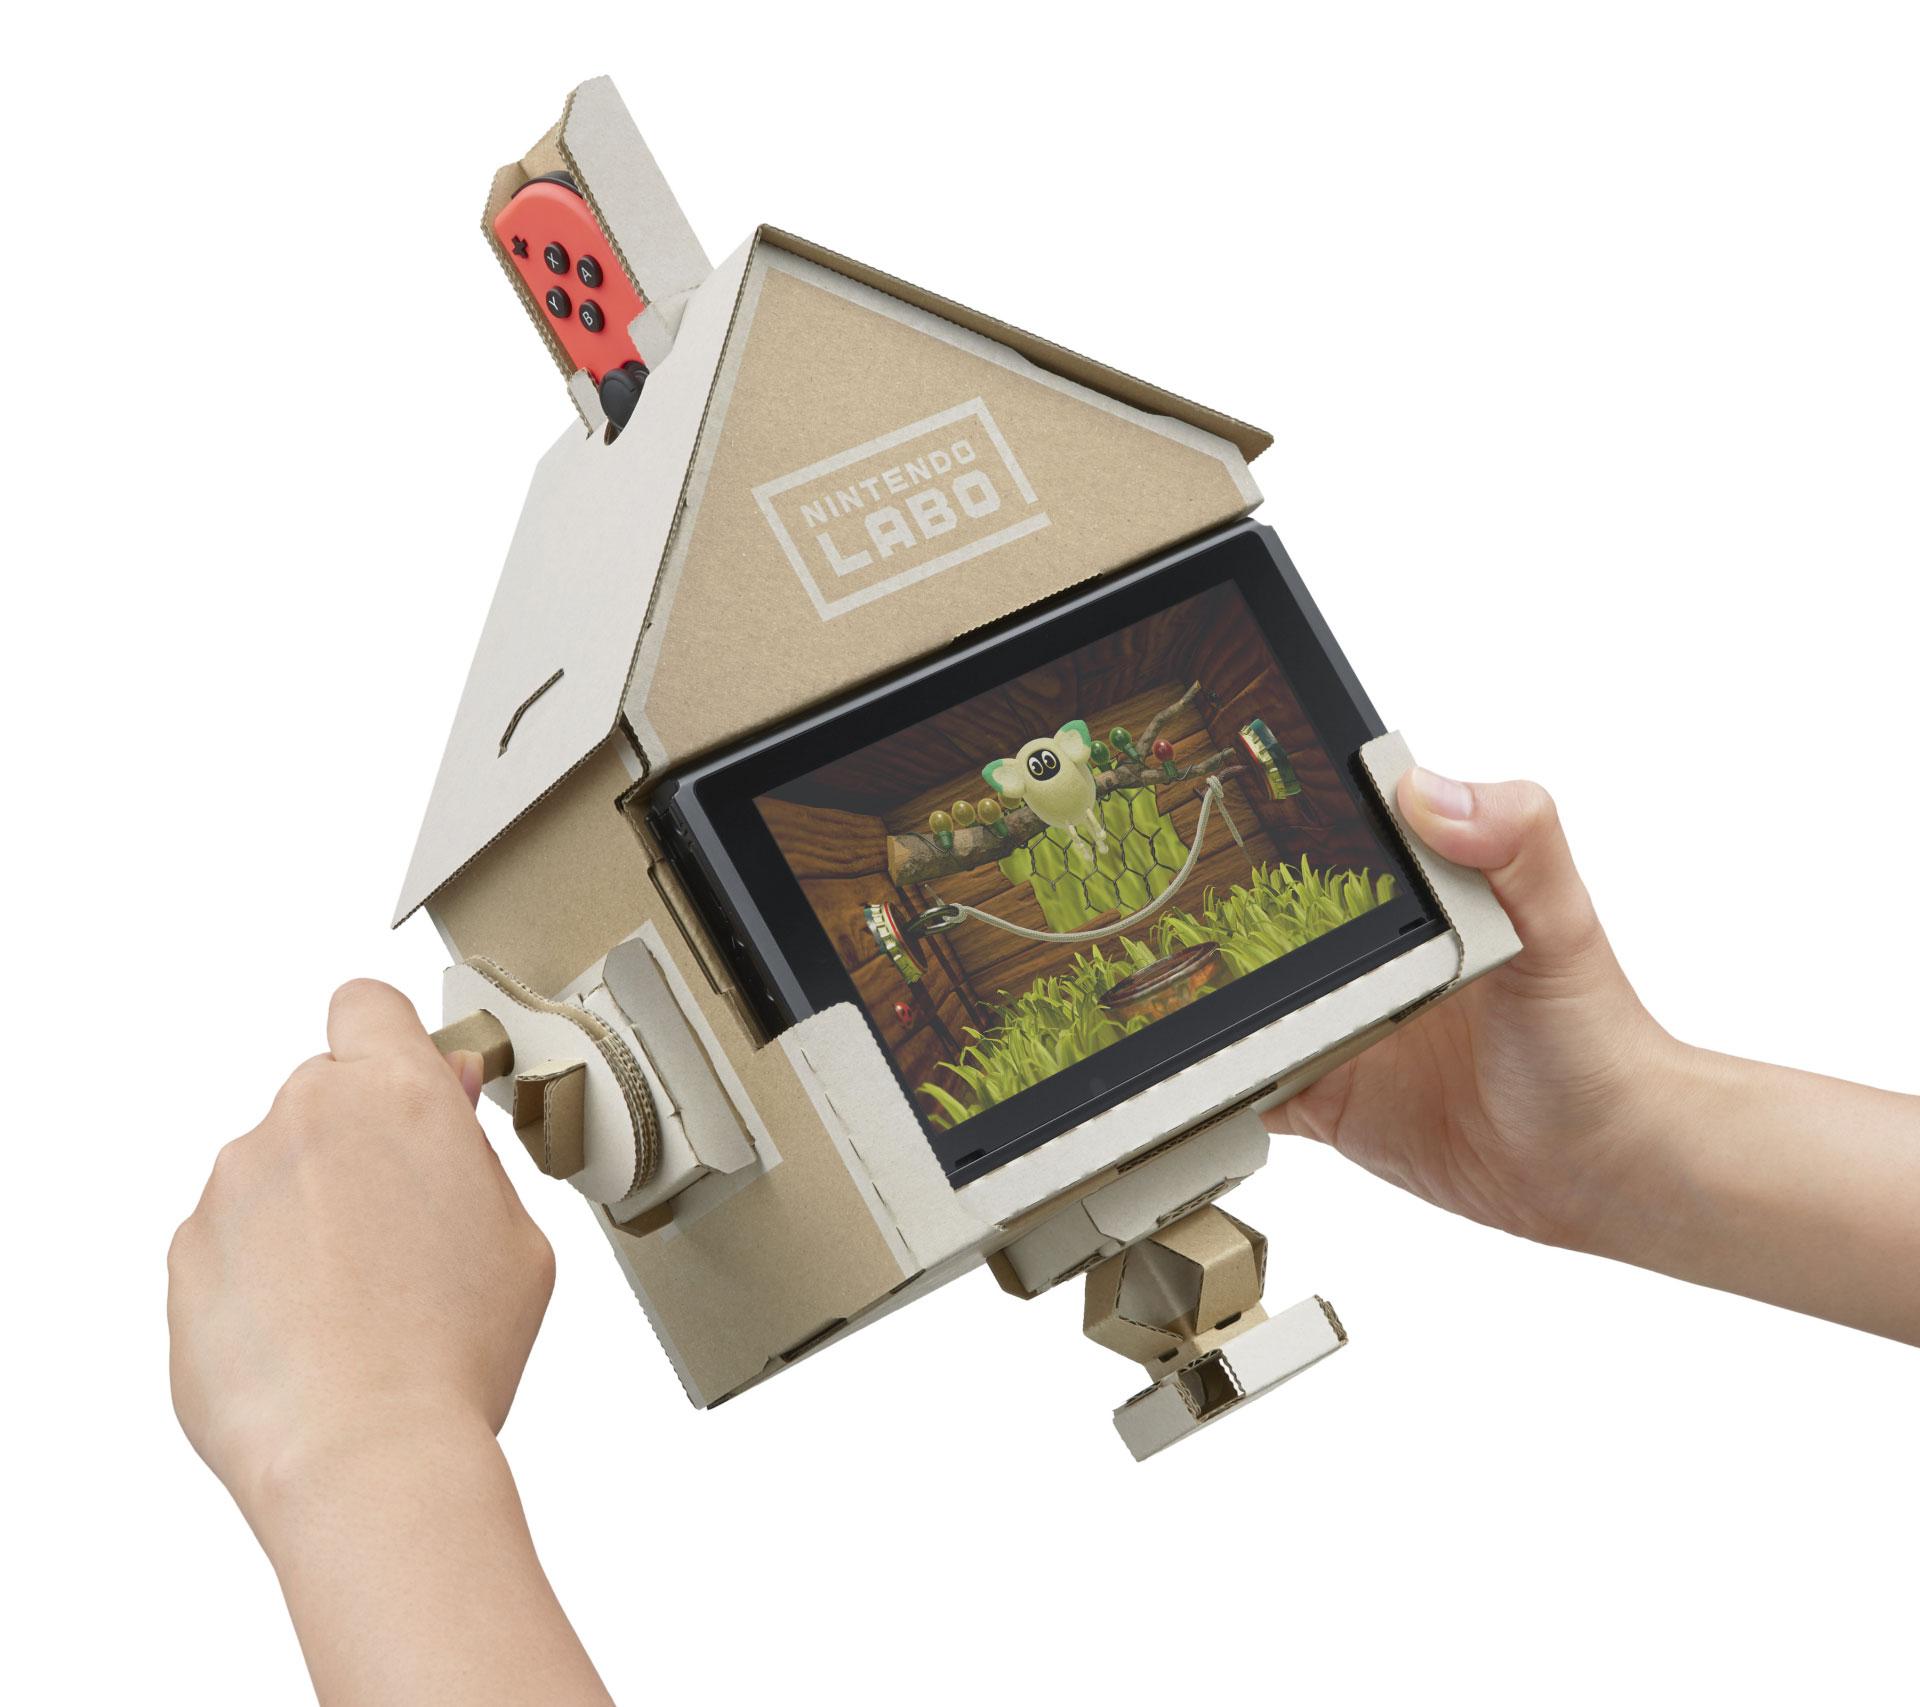 """Nintendos """"Labo""""-Konzept verbindet auf clevere Weise gebastelte Komponenten mit Mini-Games. Hier wird mithilfe von austauschbaren Papp-Schaltern ein """"Tamagotchi""""-ähnliches Haustier bespielt."""